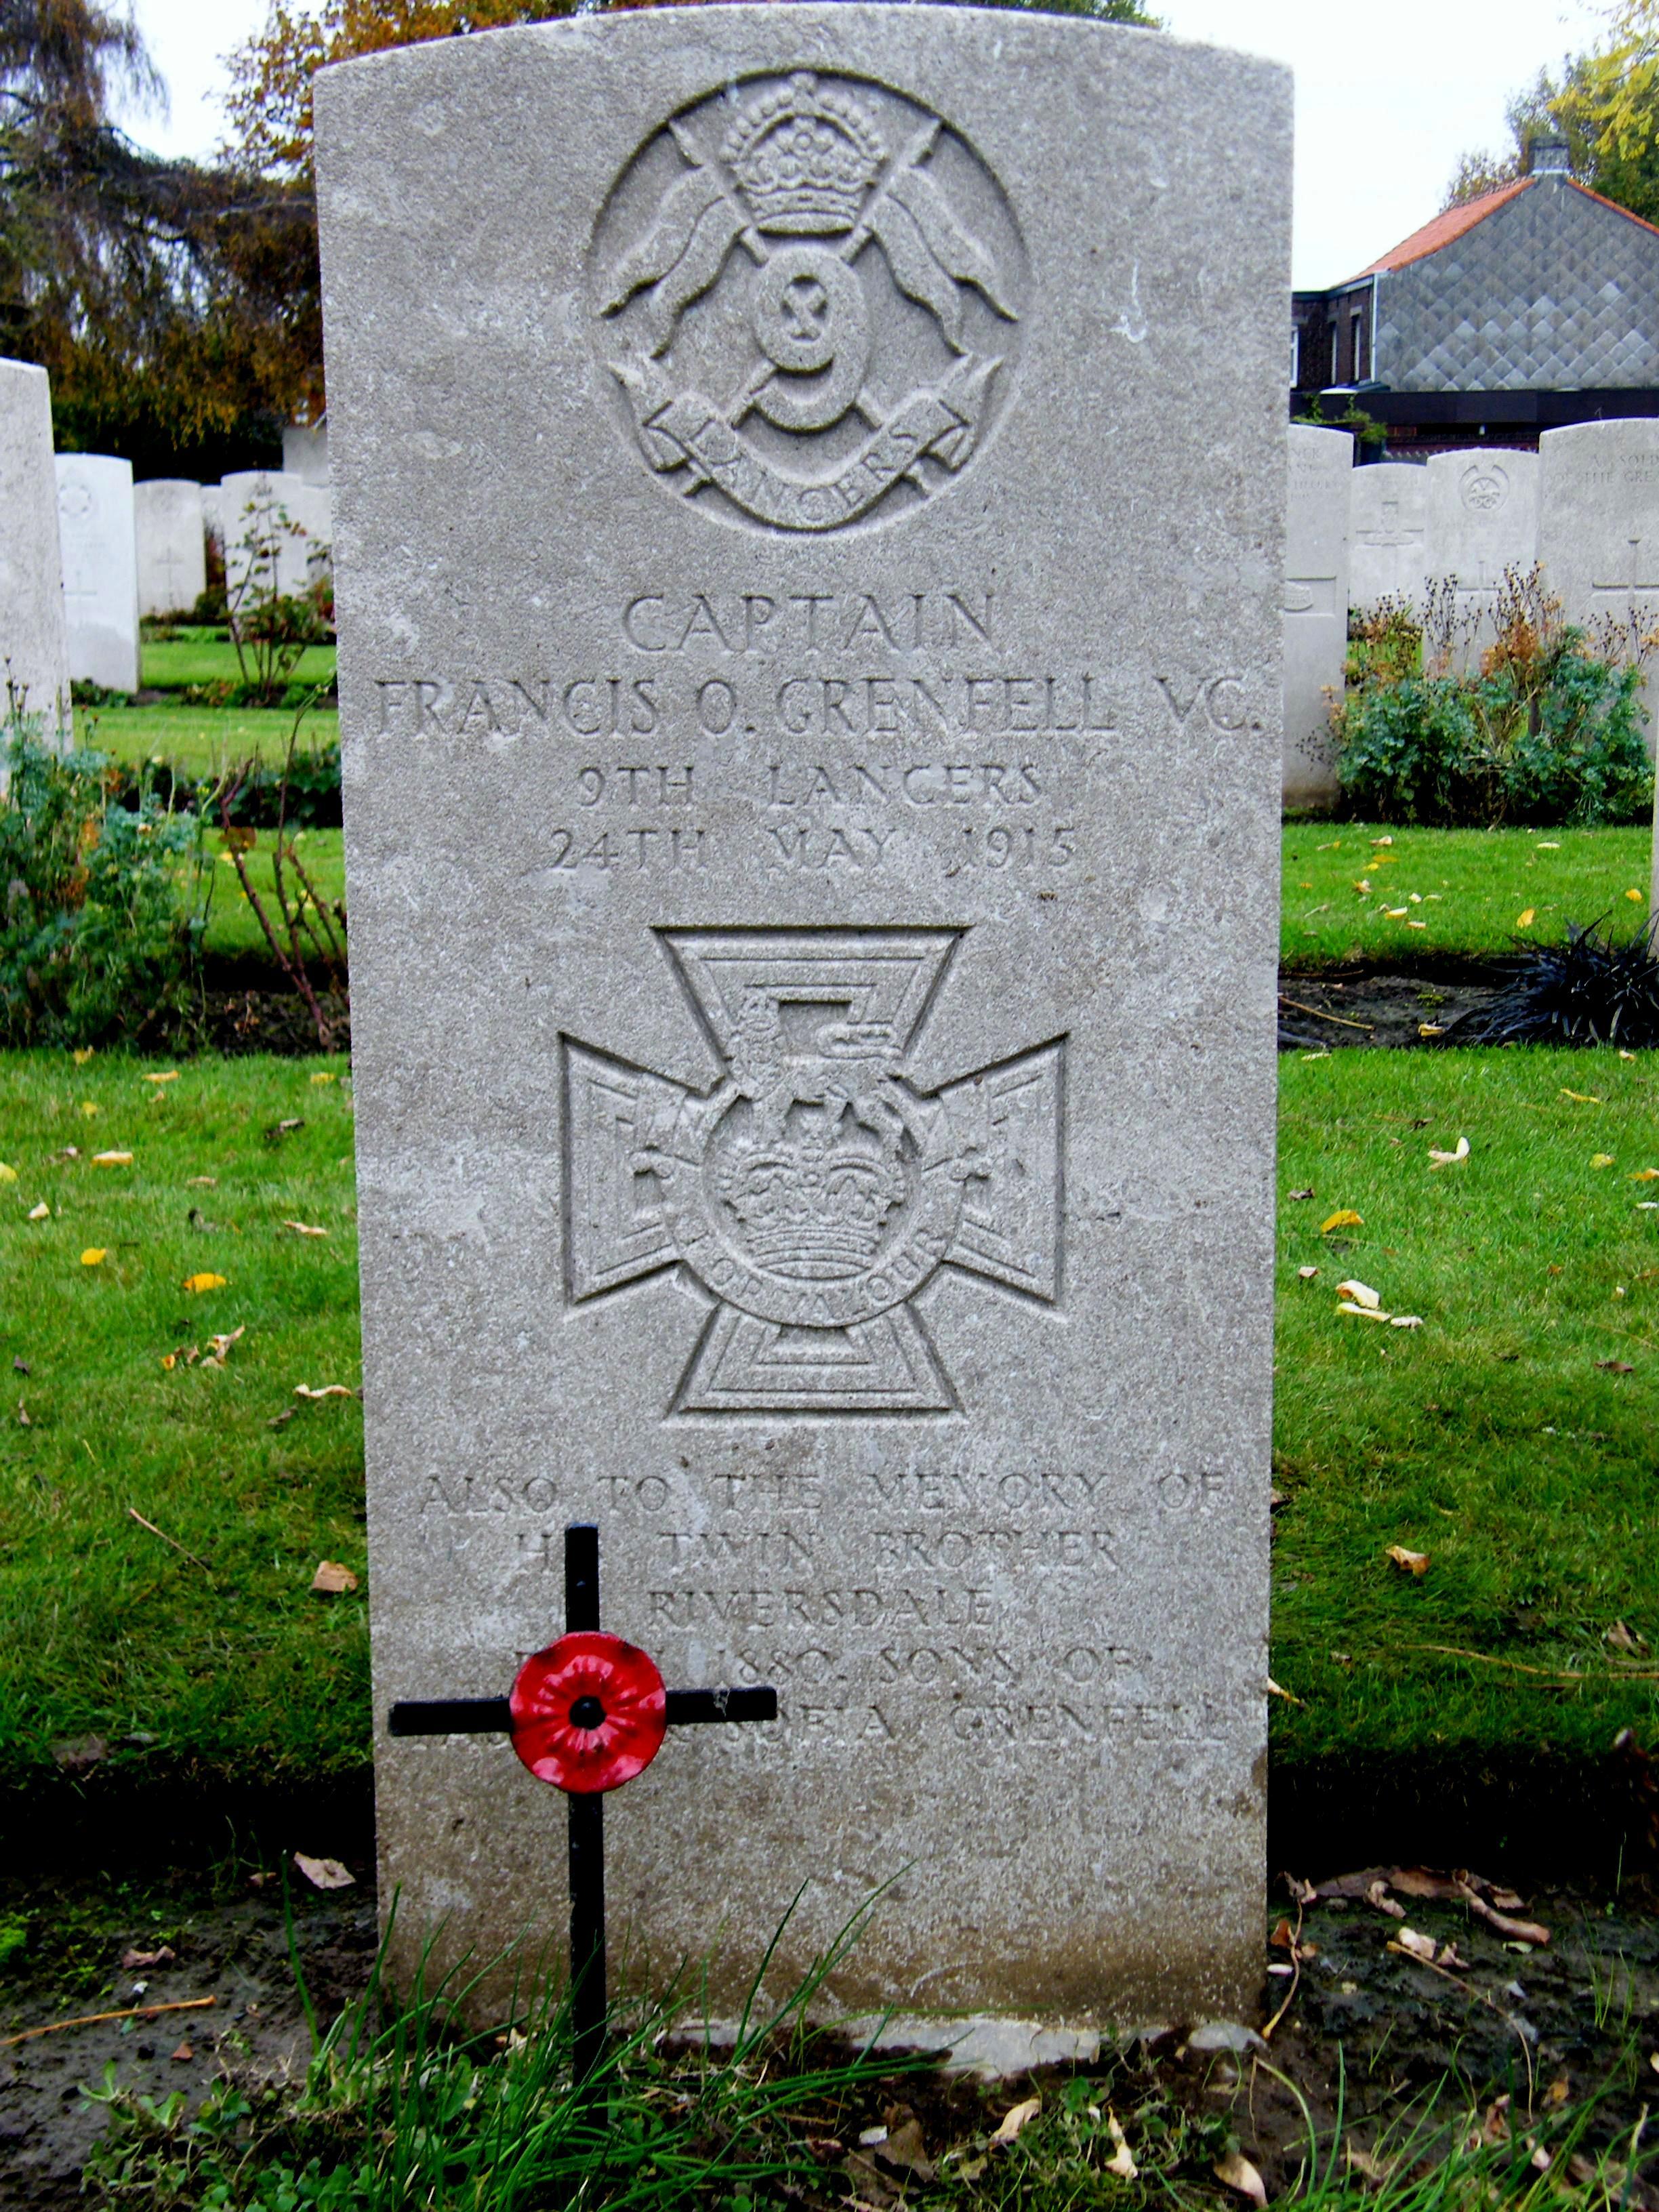 Grenfells Grave - Ypres